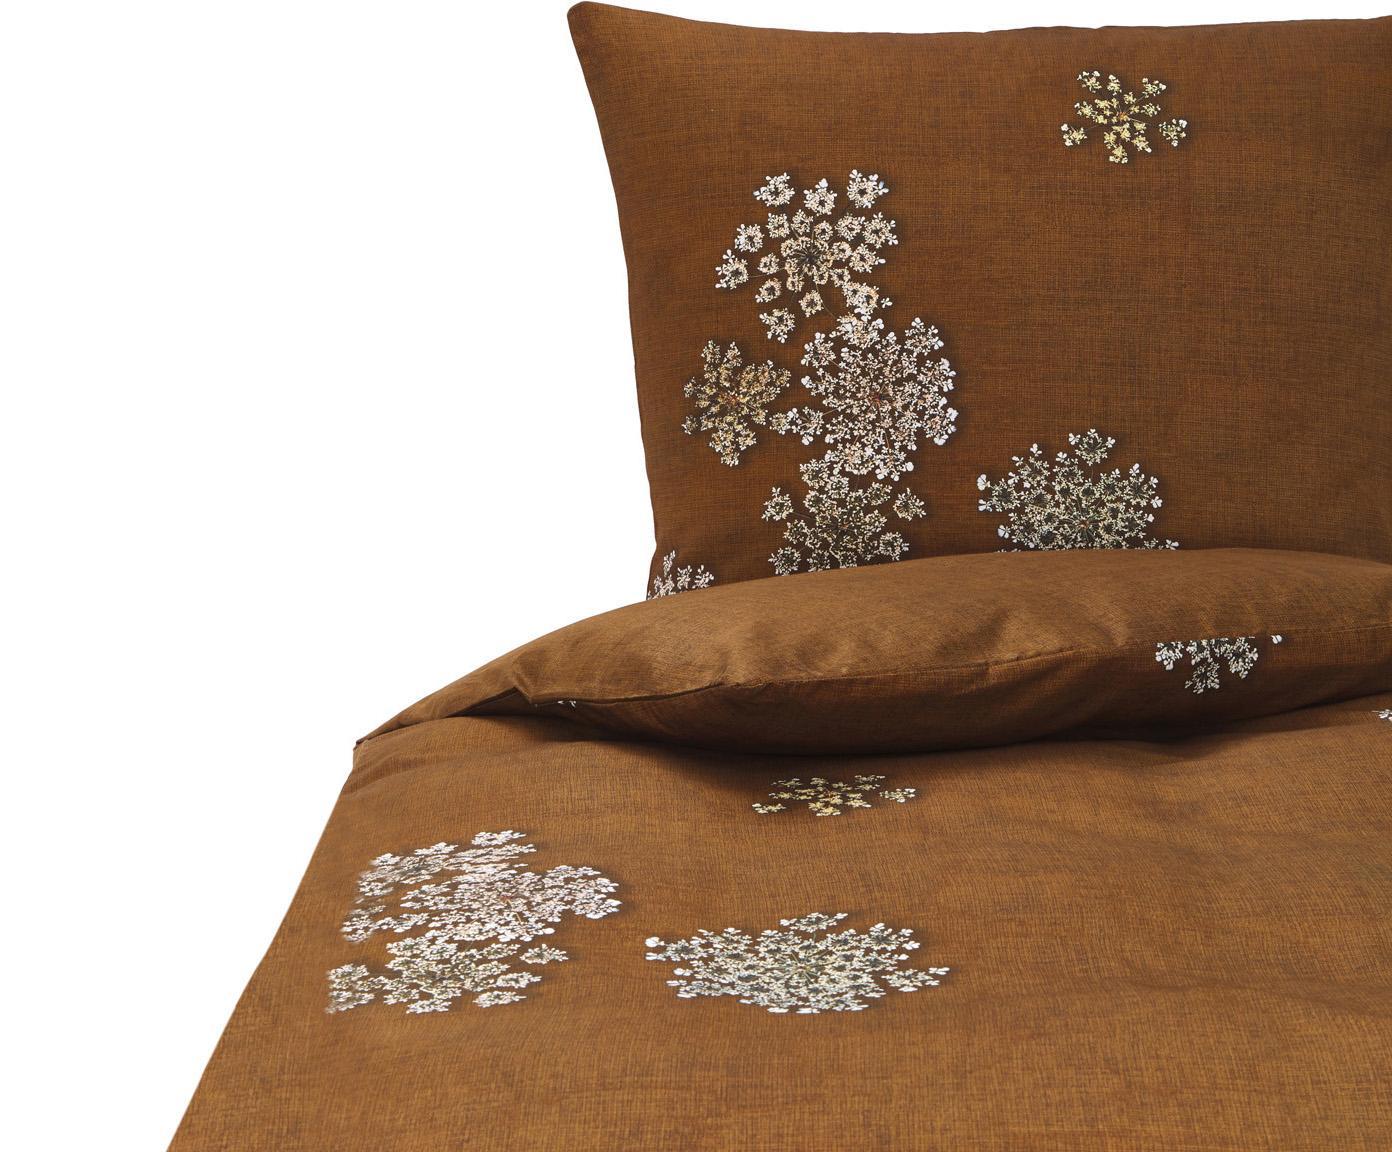 Baumwollsatin-Bettwäsche Lauren mit Blüten-Muster, Webart: Satin Baumwollsatin wird , Zimtbraun, 135 x 200 cm + 1 Kissen 80 x 80 cm